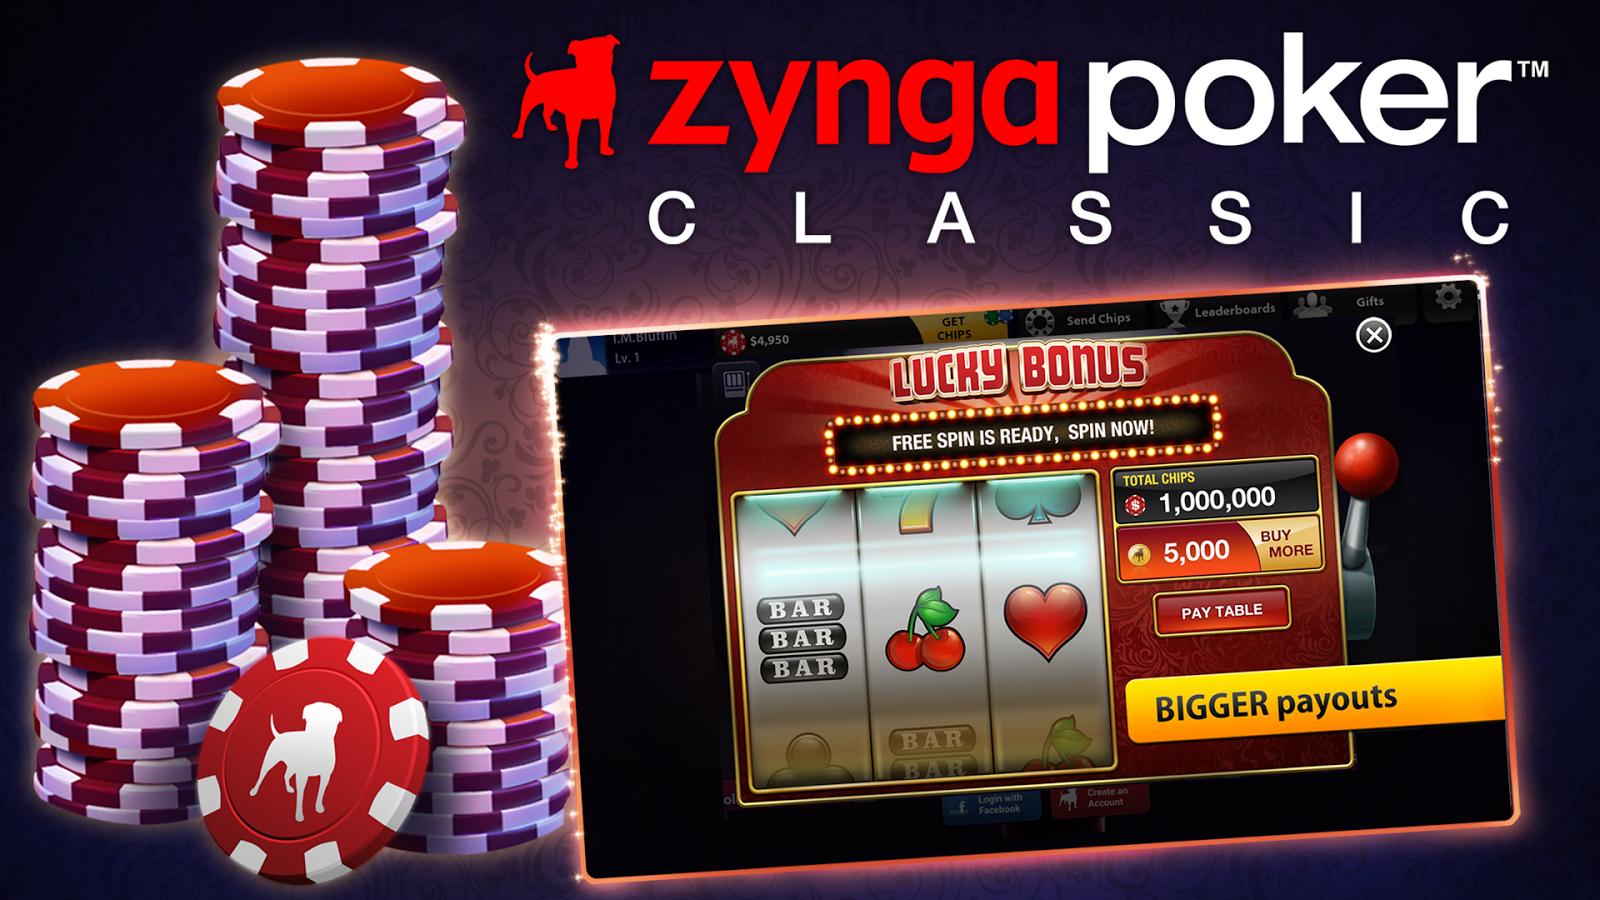 Download zynga texas holdem poker for pc